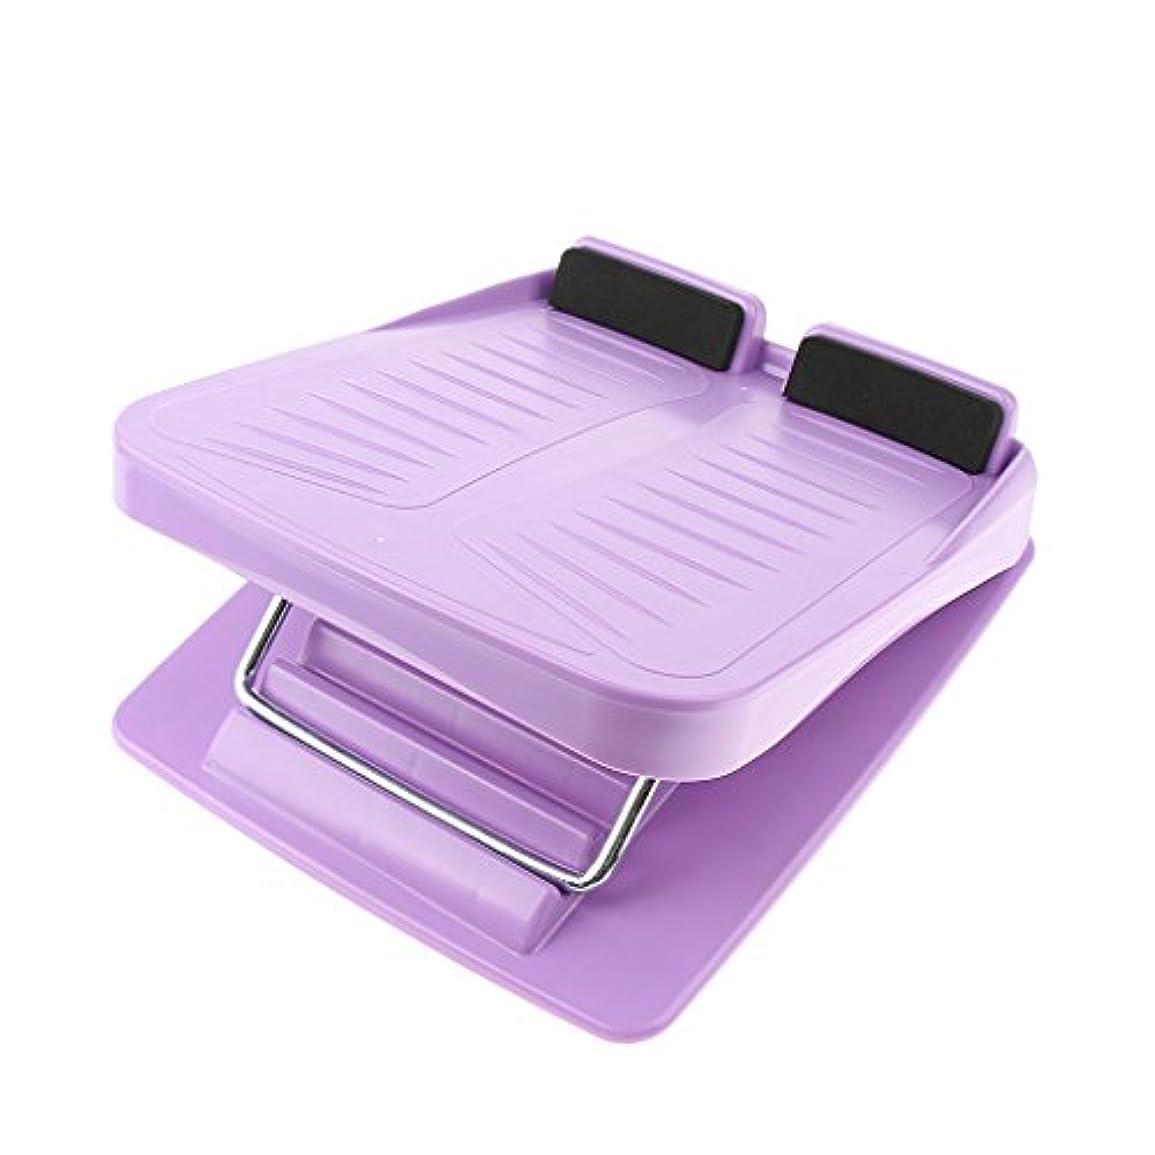 ラフレシアアルノルディ乱暴なスーダンストレッチボード ストレッチ台 調整可能 アンチスリップ カーフストレッチ 斜面ボード 全3色 - 紫の